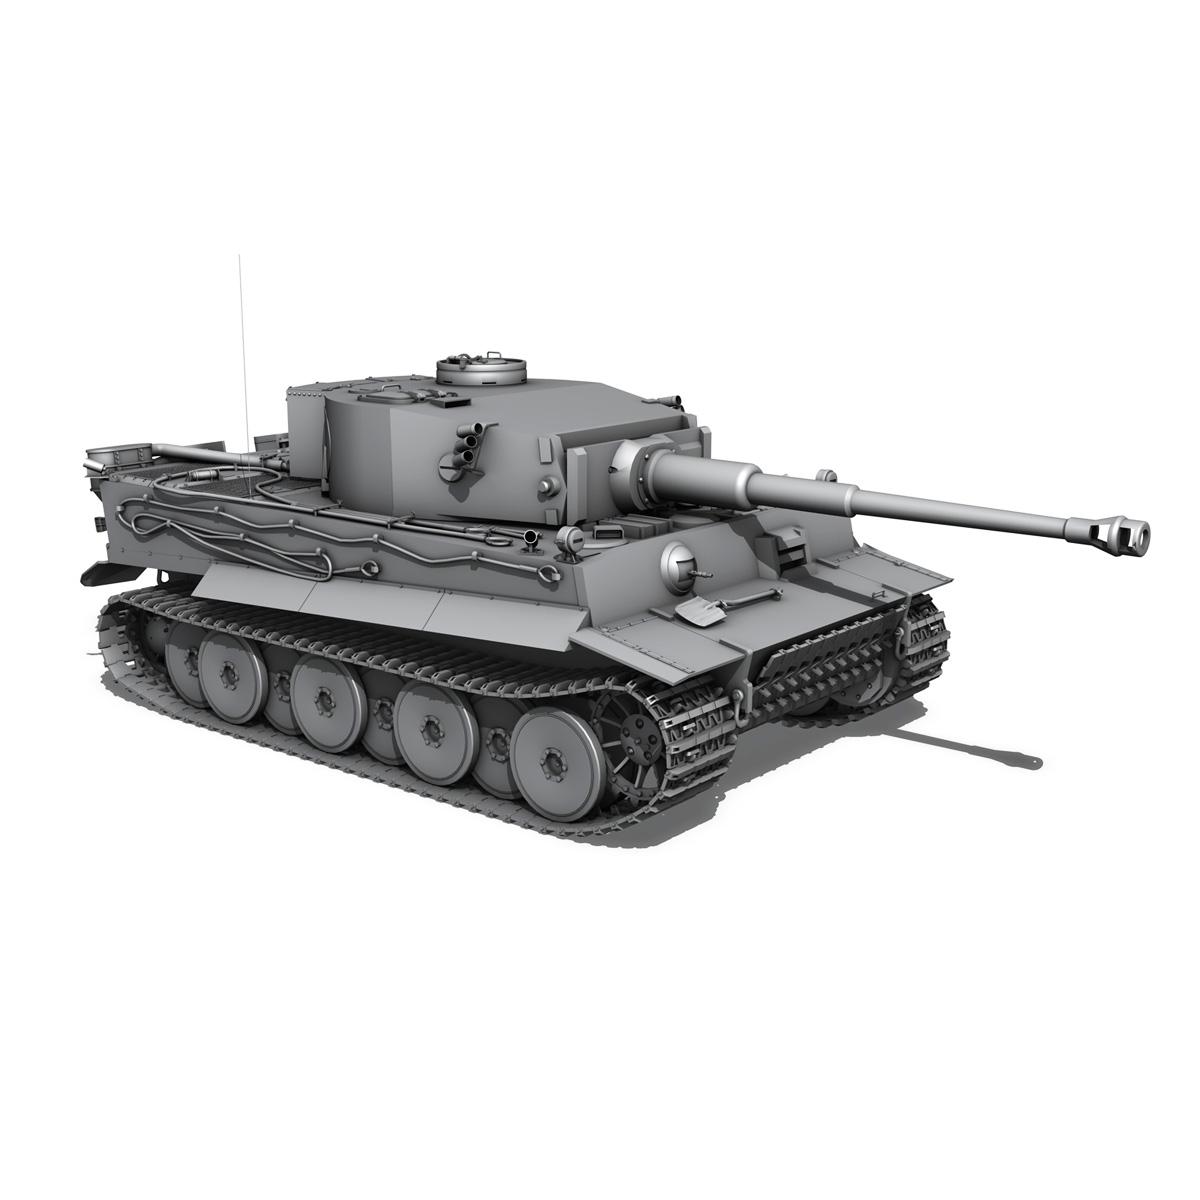 panzer vi – tiger – early production 3d model 3ds fbx c4d lwo obj 202264